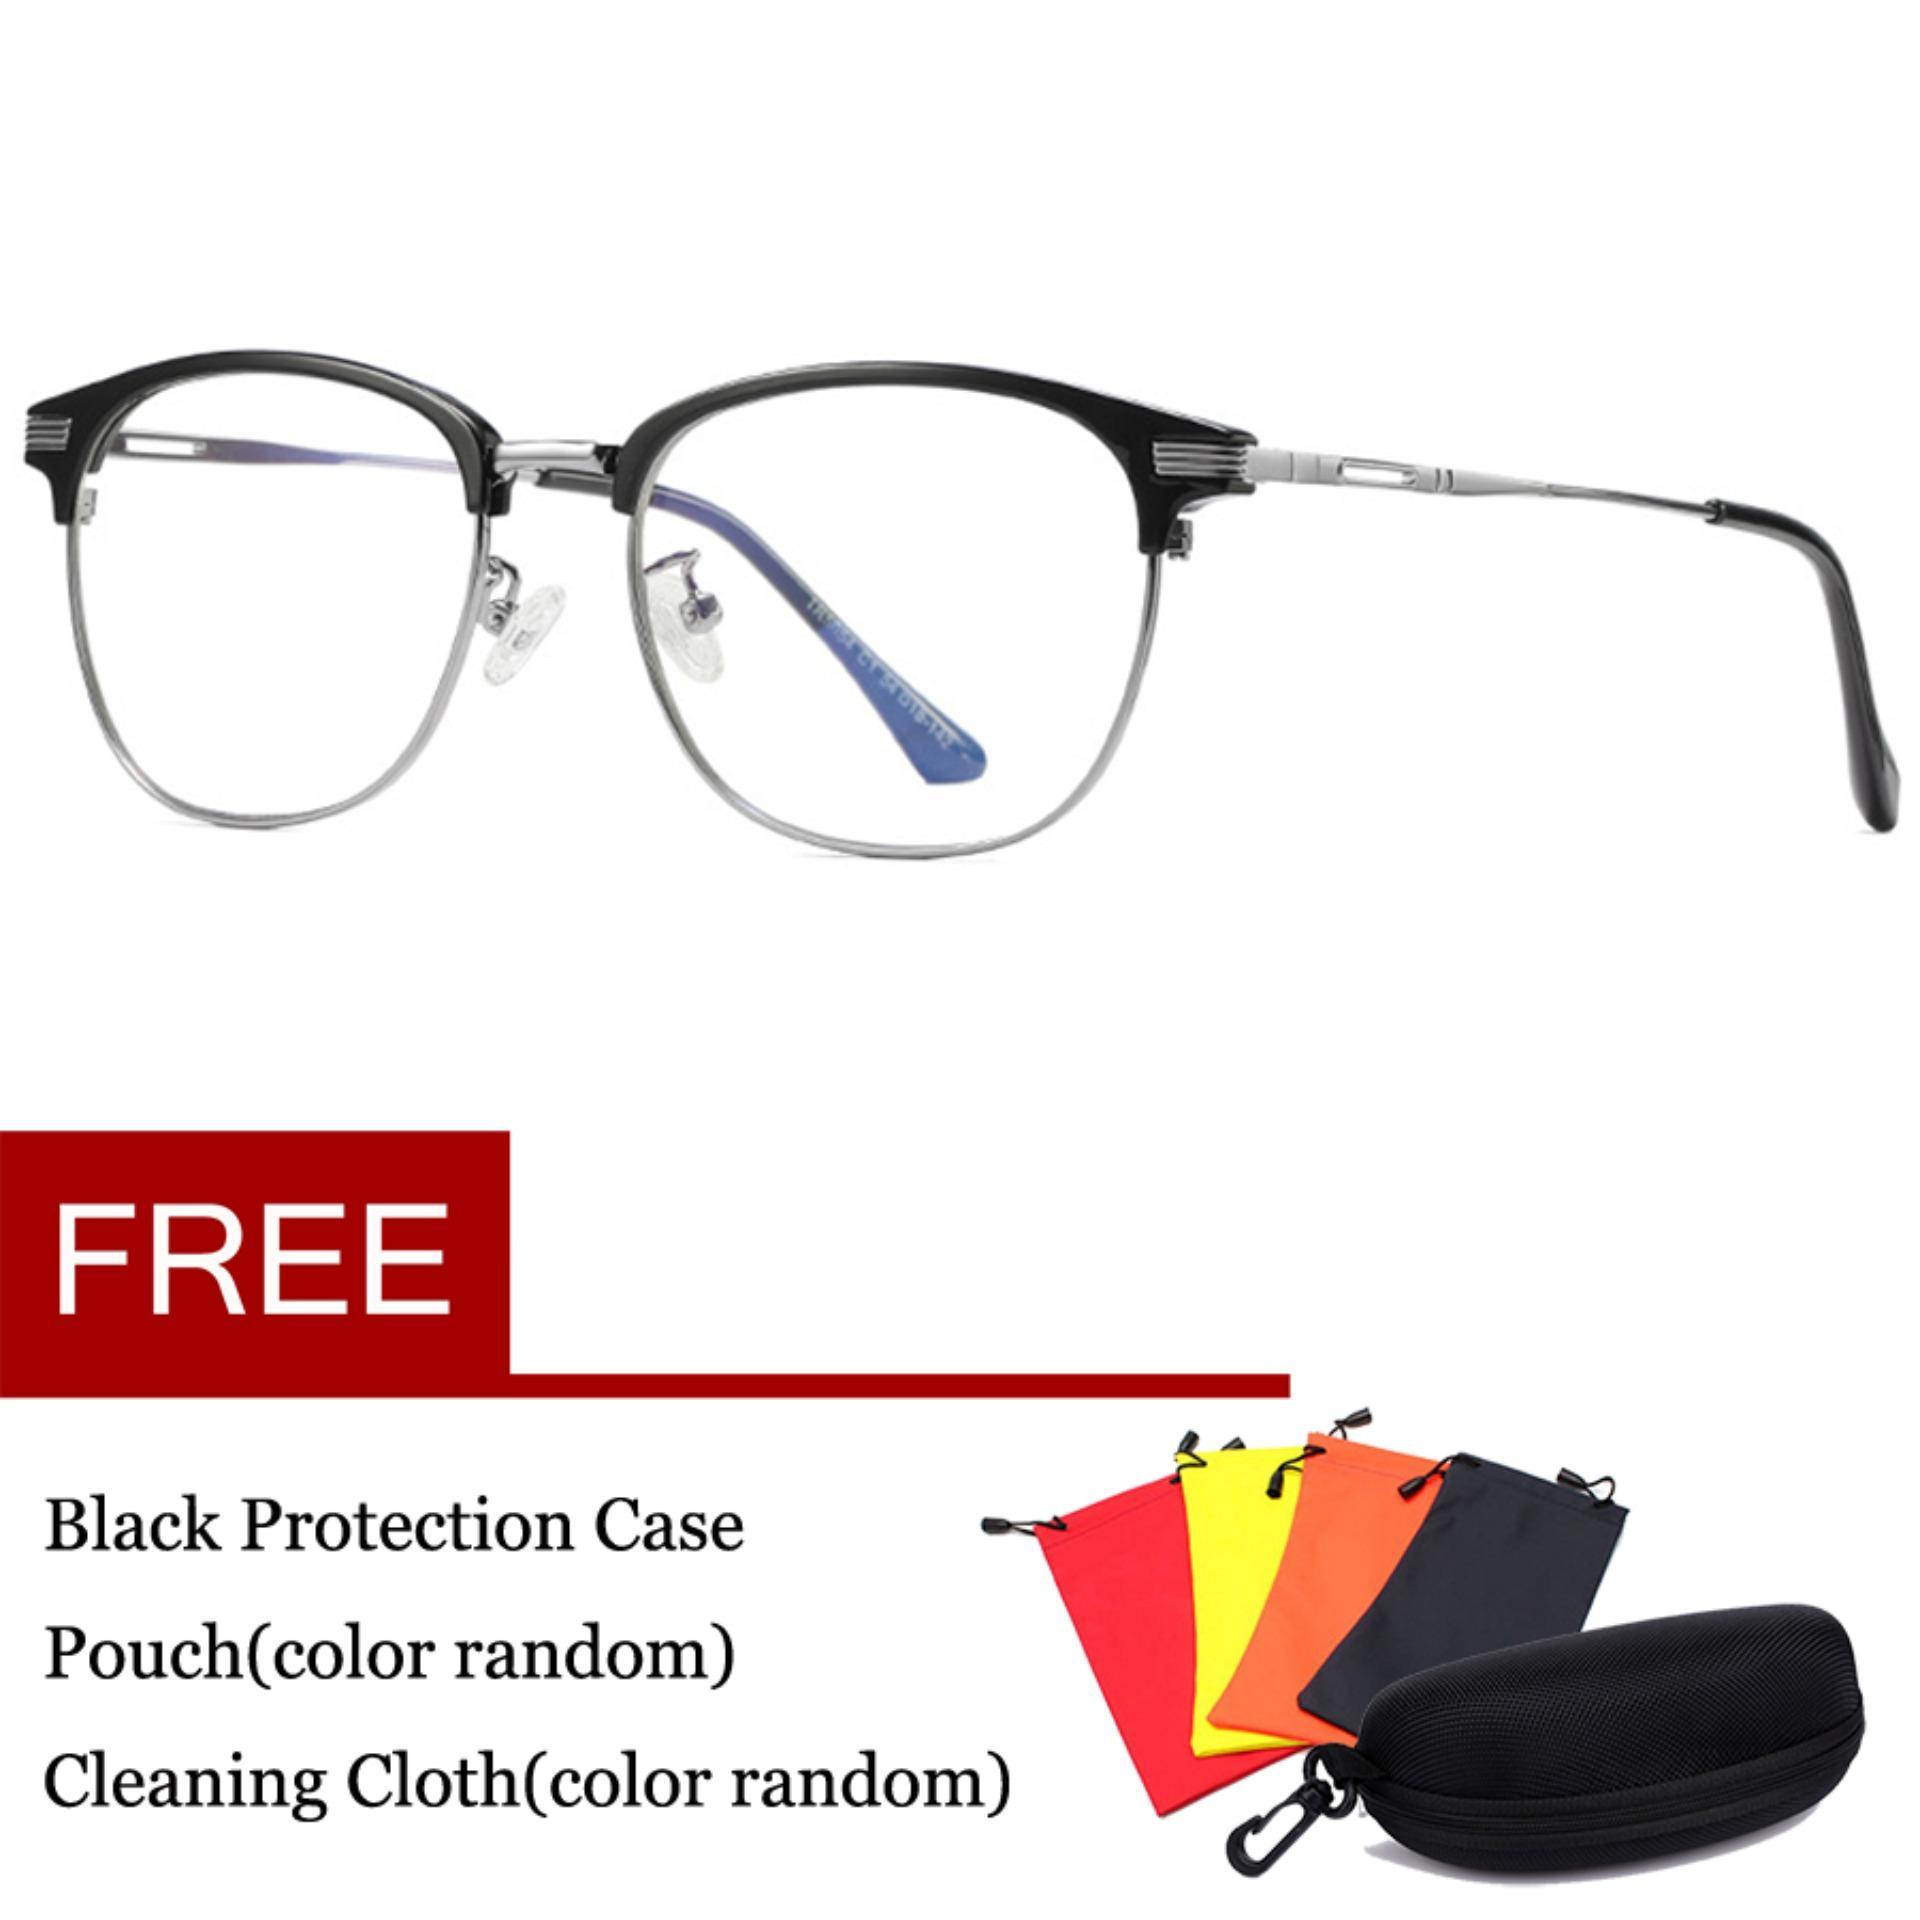 Komputer Kacamata Game Anti Cahaya Biru Kacamata Anti-Silau Anti Silau Tegangan Mata Lensa Perlindungan Uv 100% 0.00x Eyewear 5054 By Thomasstore